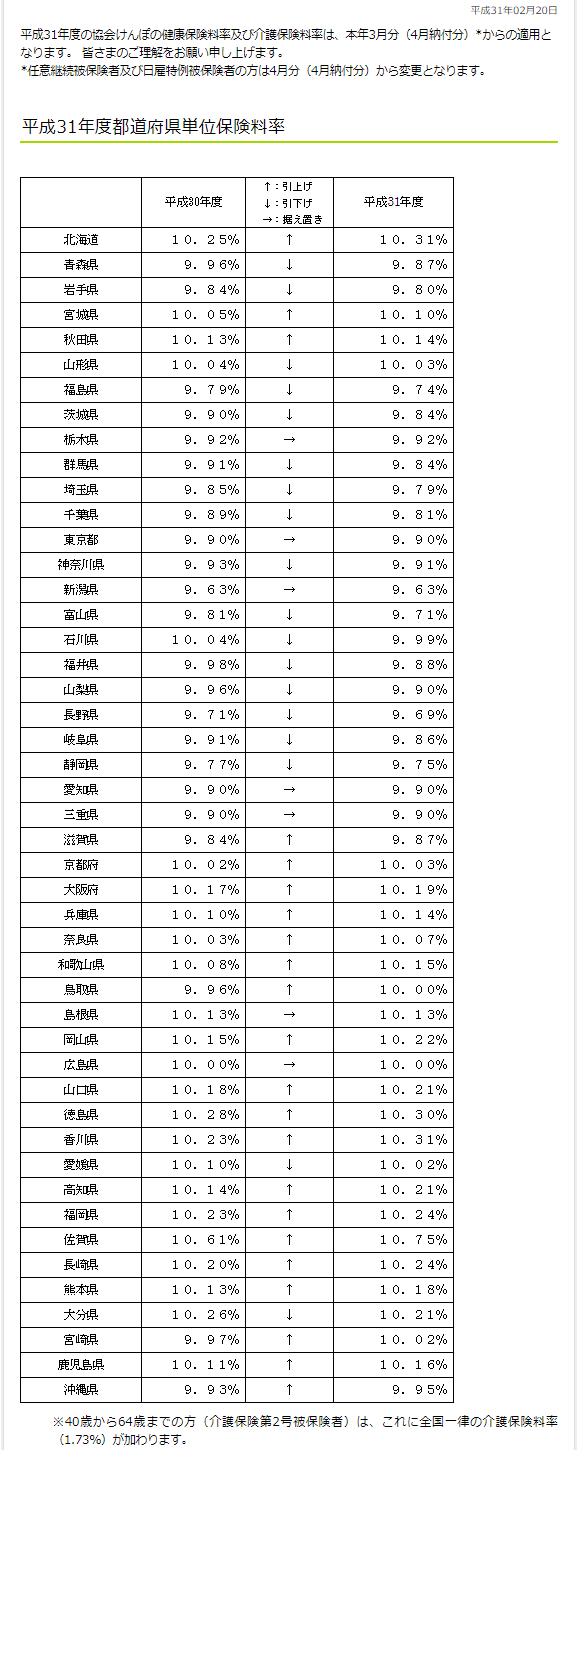 平成31年3月分(4月納付分)-都道府県単位保険料率